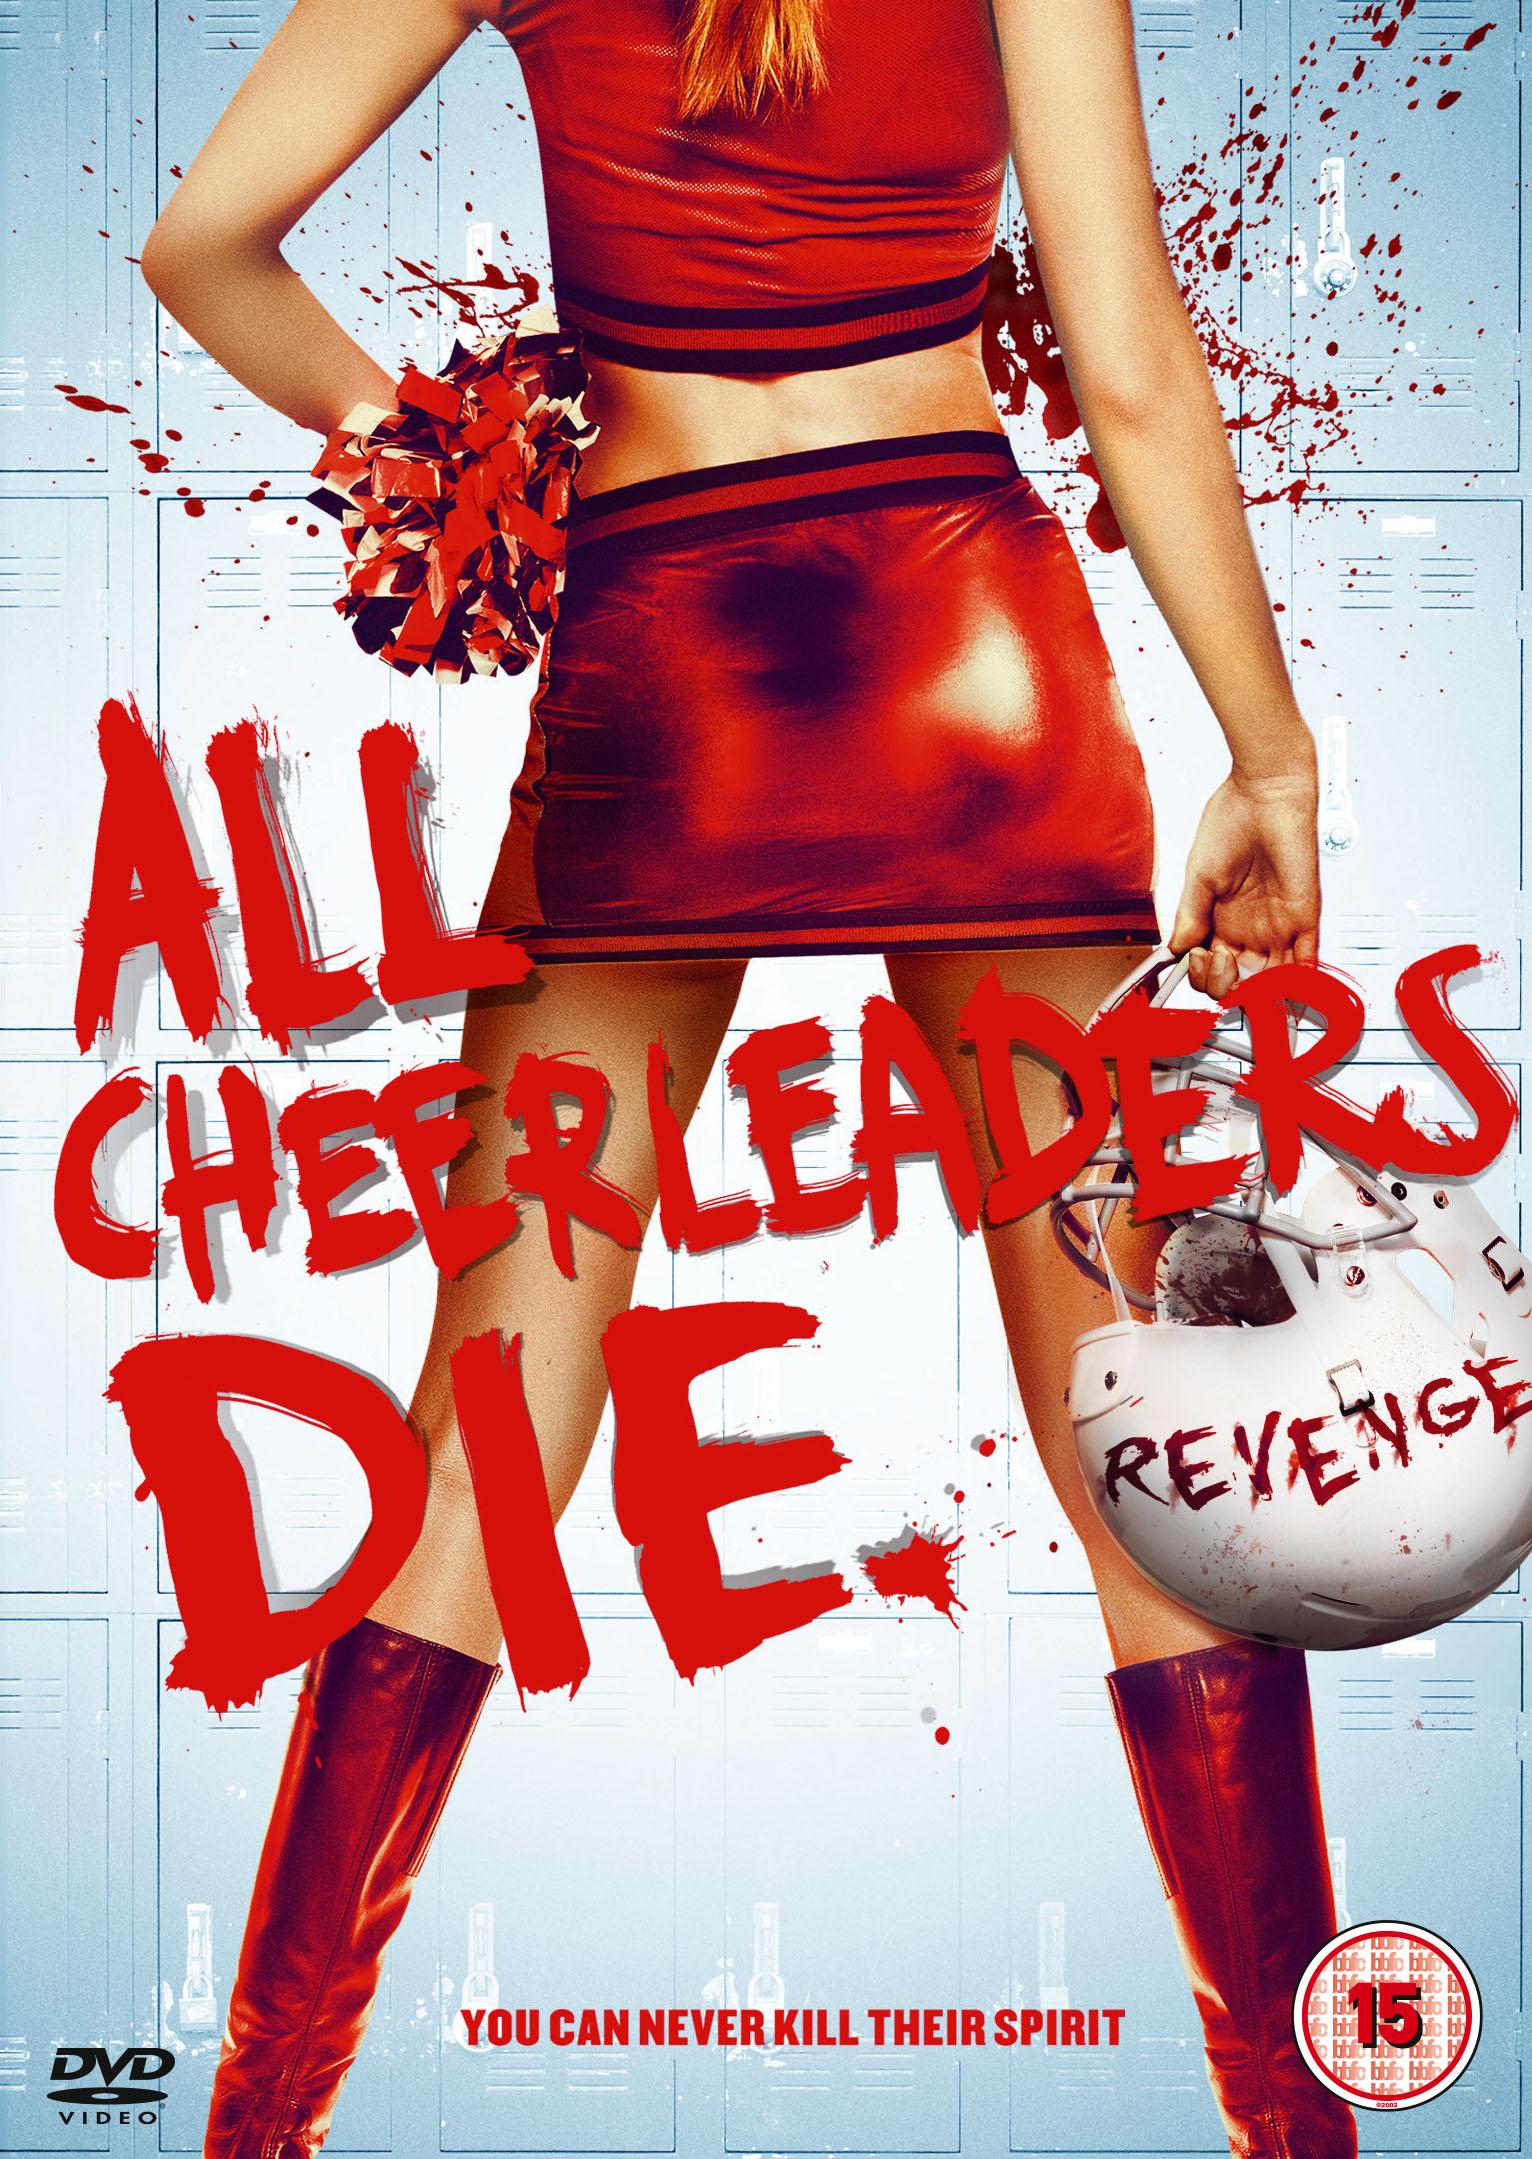 ALL_CHEERLEADERS_2D_DVD.jpg